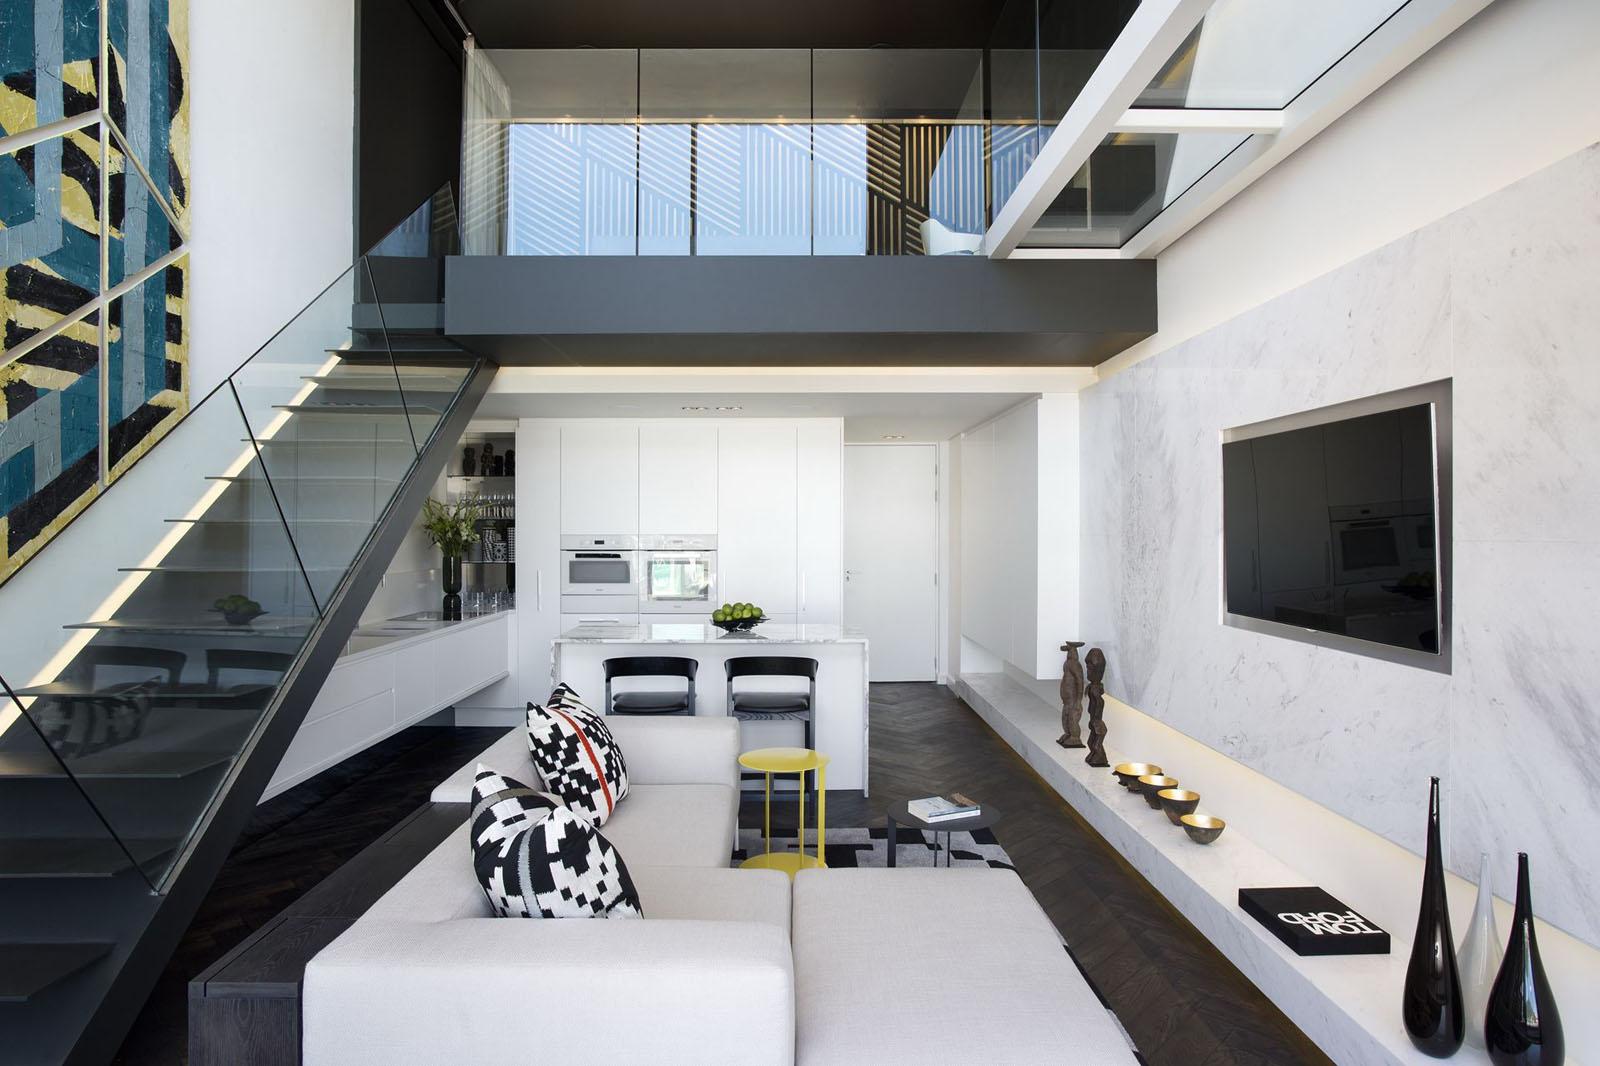 Trendy cape town waterfront duplex penthouse apartment - Decoracion de apartamentos modernos ...